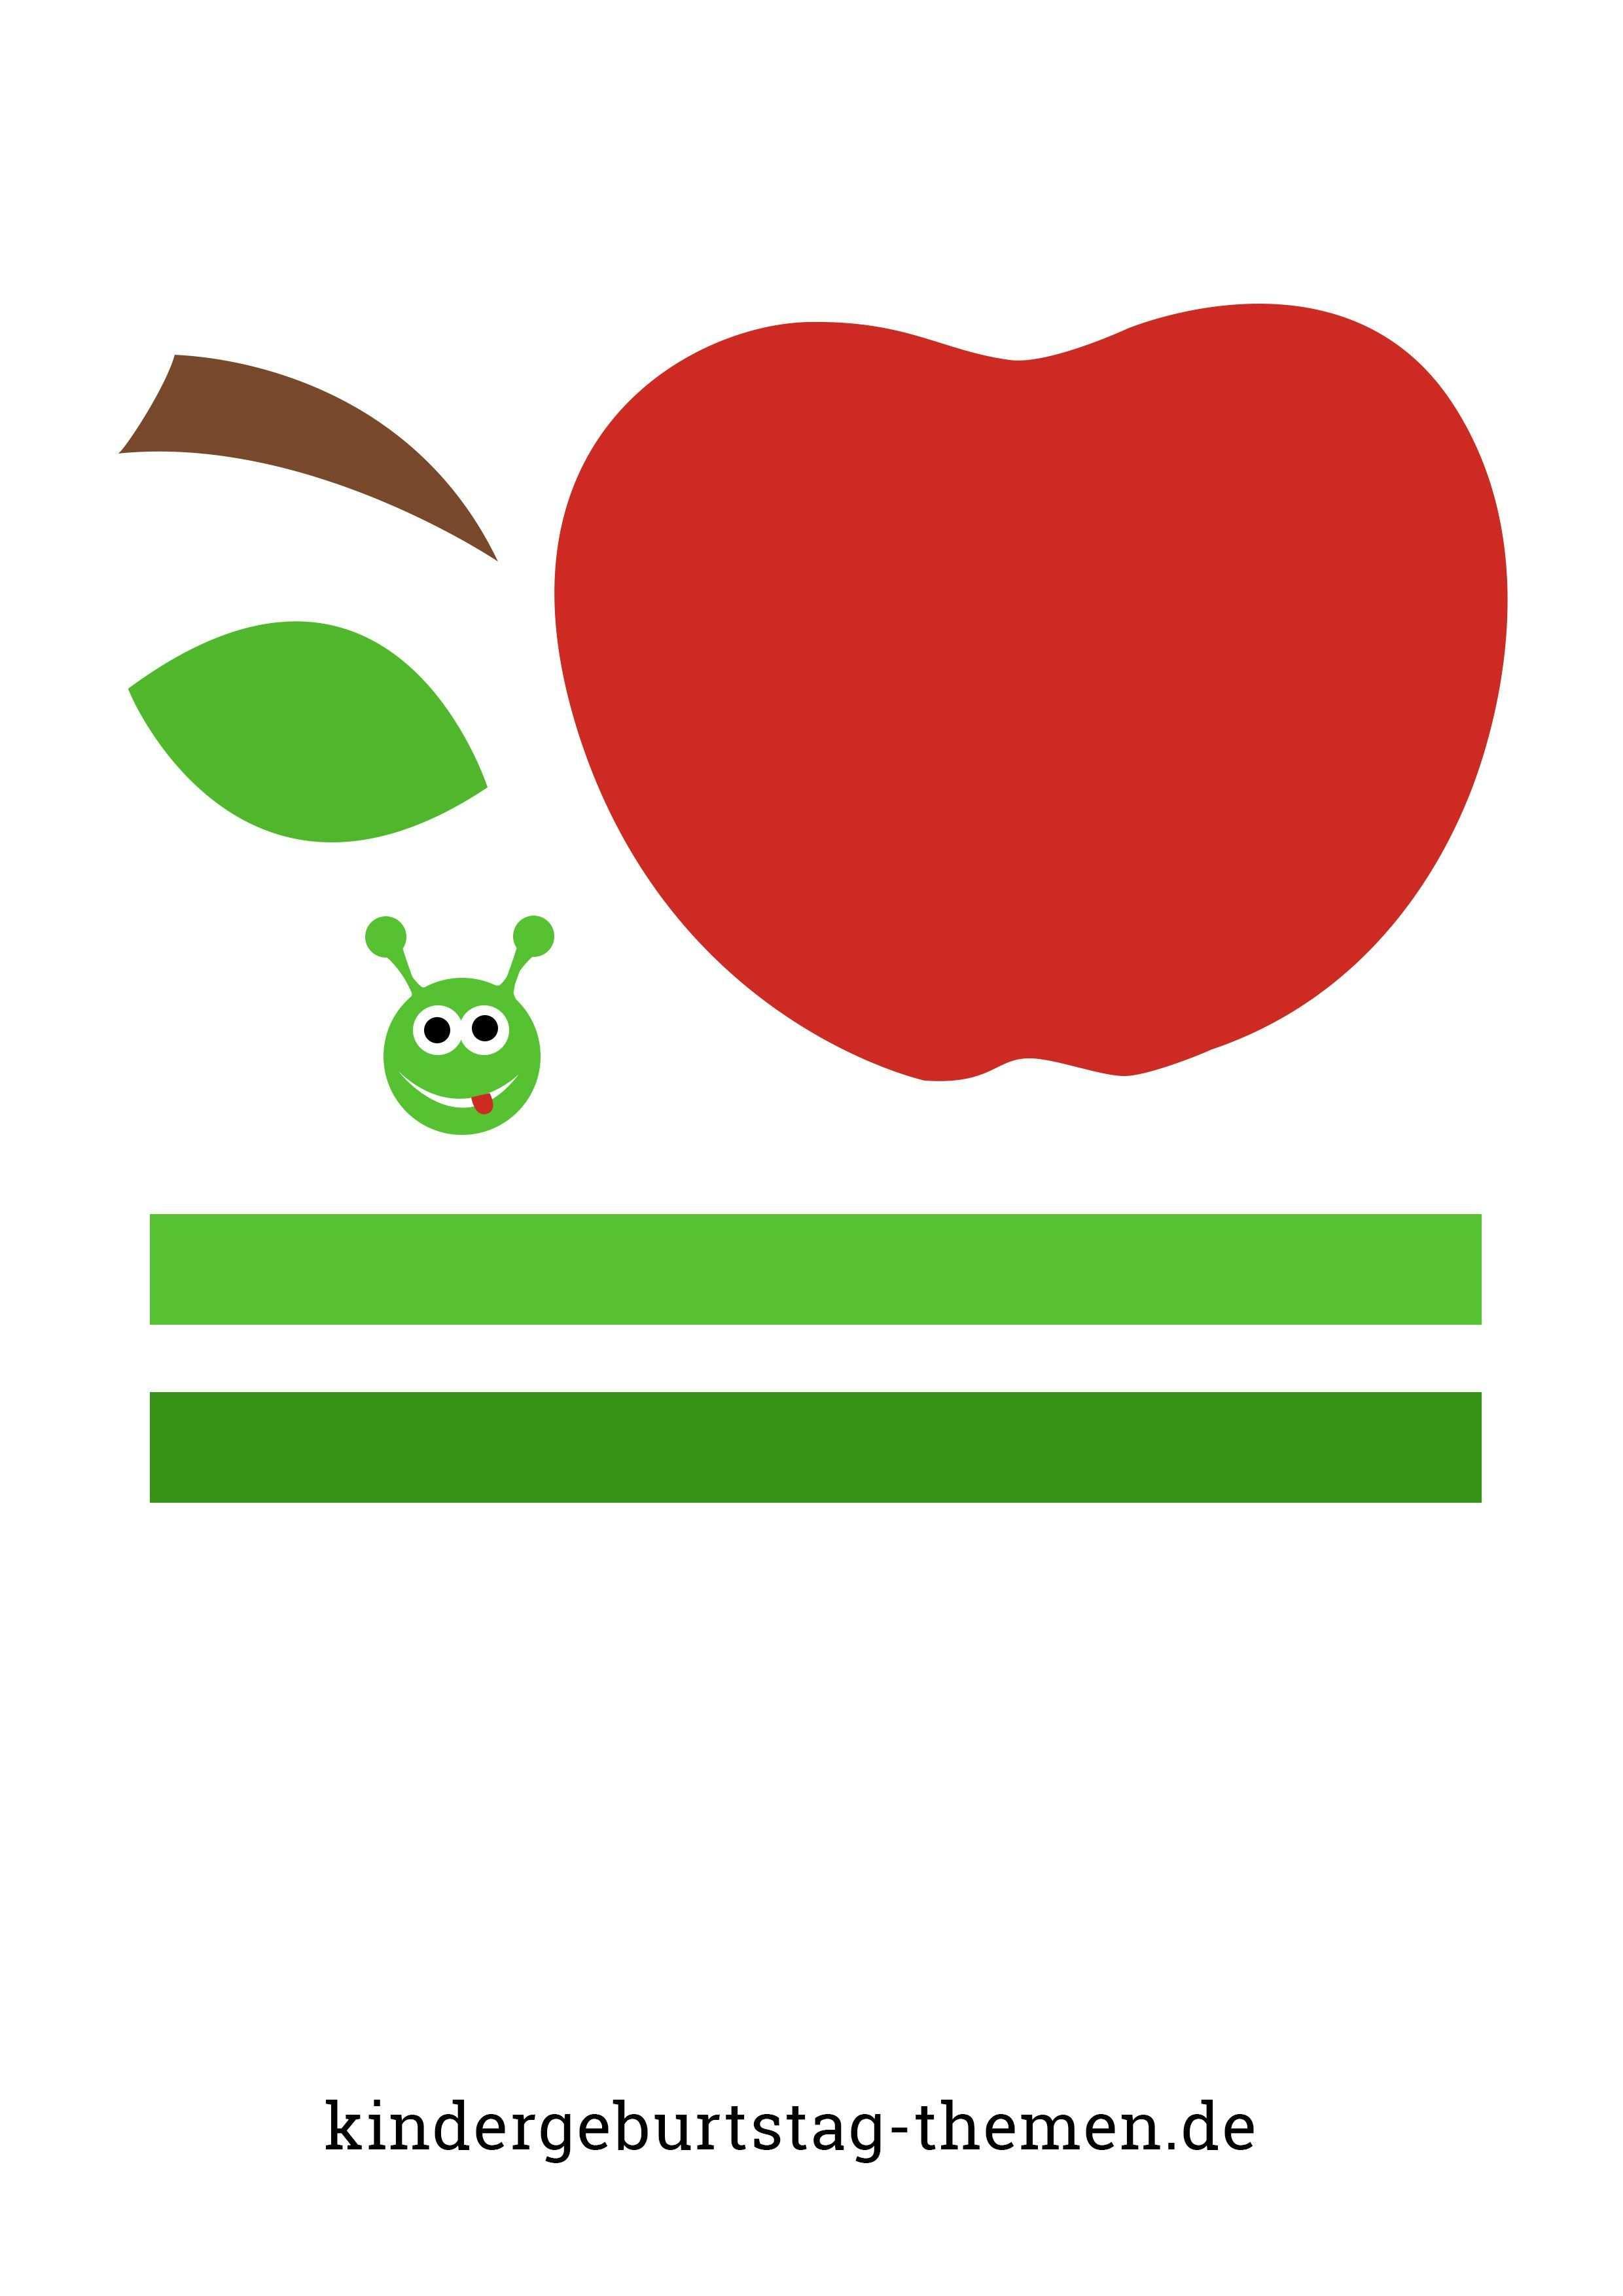 Apfel Mit Wurm Basteln Anleitung Und Vorlage Fur Kindergarten Und Grundschule Fictionalcharacters Apfel Mit Wurm Bastel Diy Crafts To Do Crafts To Do Basteln